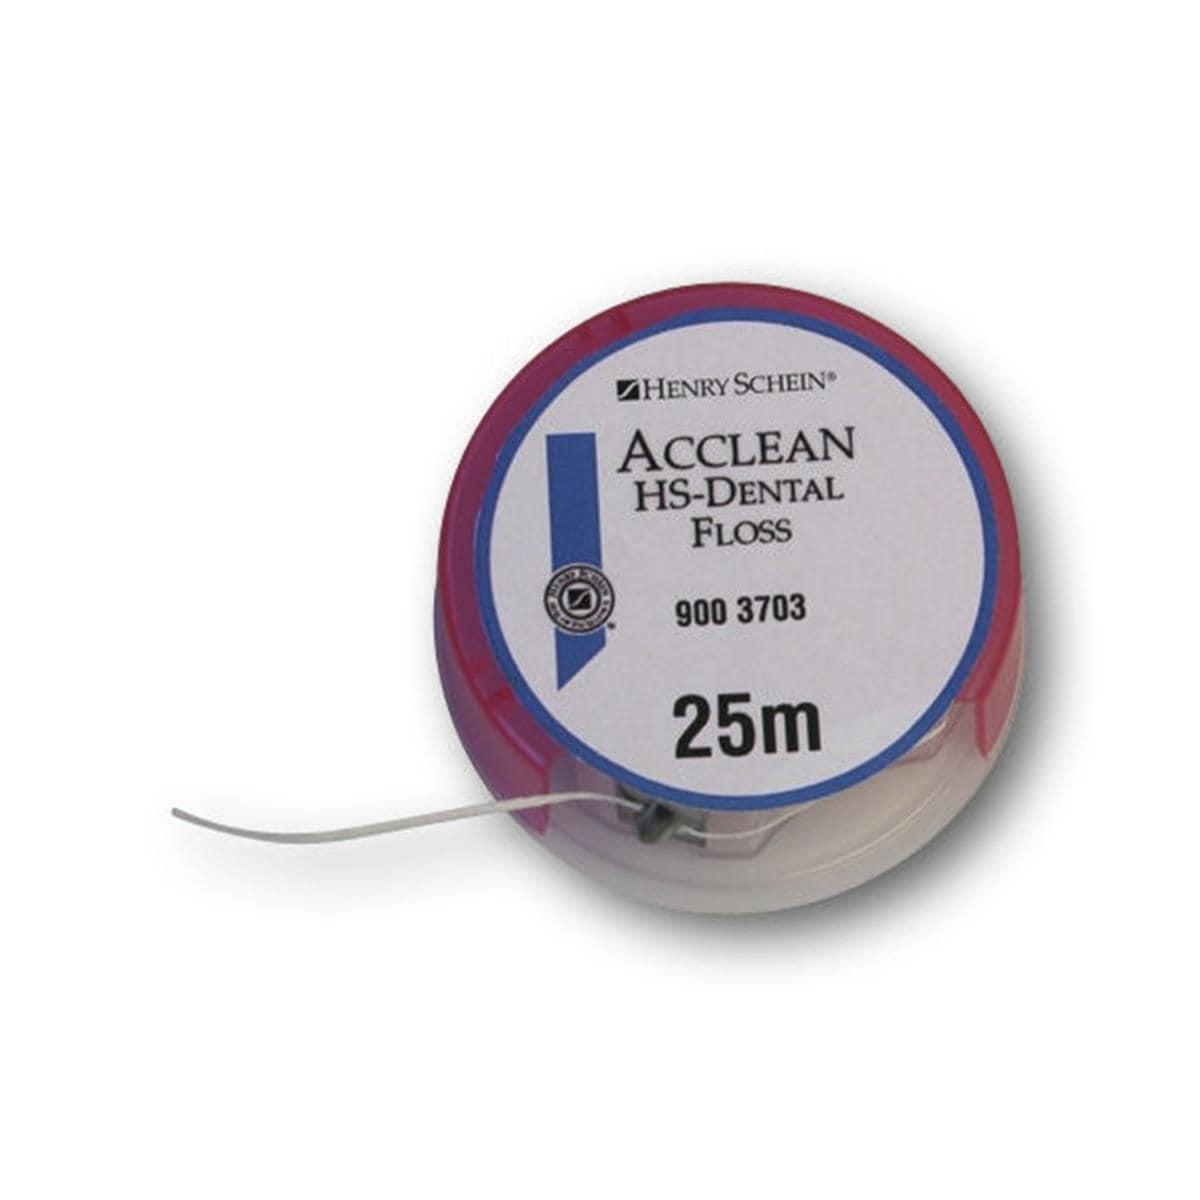 Myndaniðurstaða fyrir acclean dental floss 25m